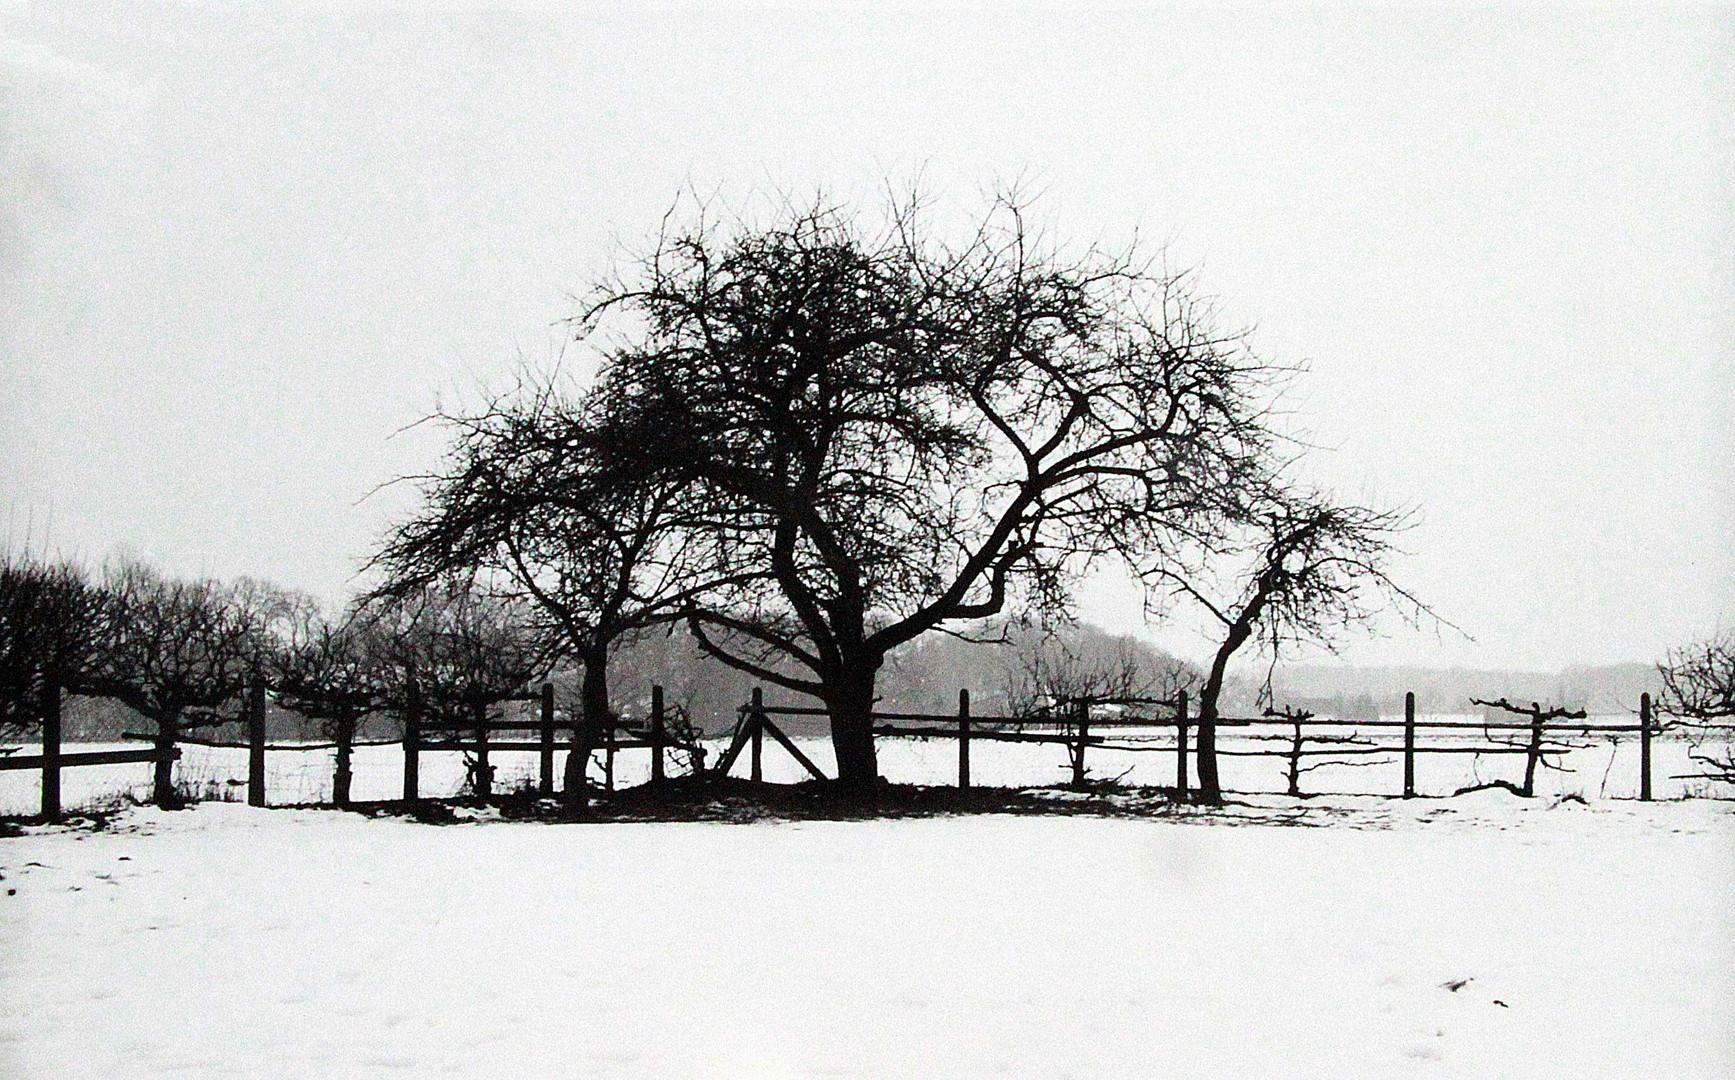 Winter in Dünsen